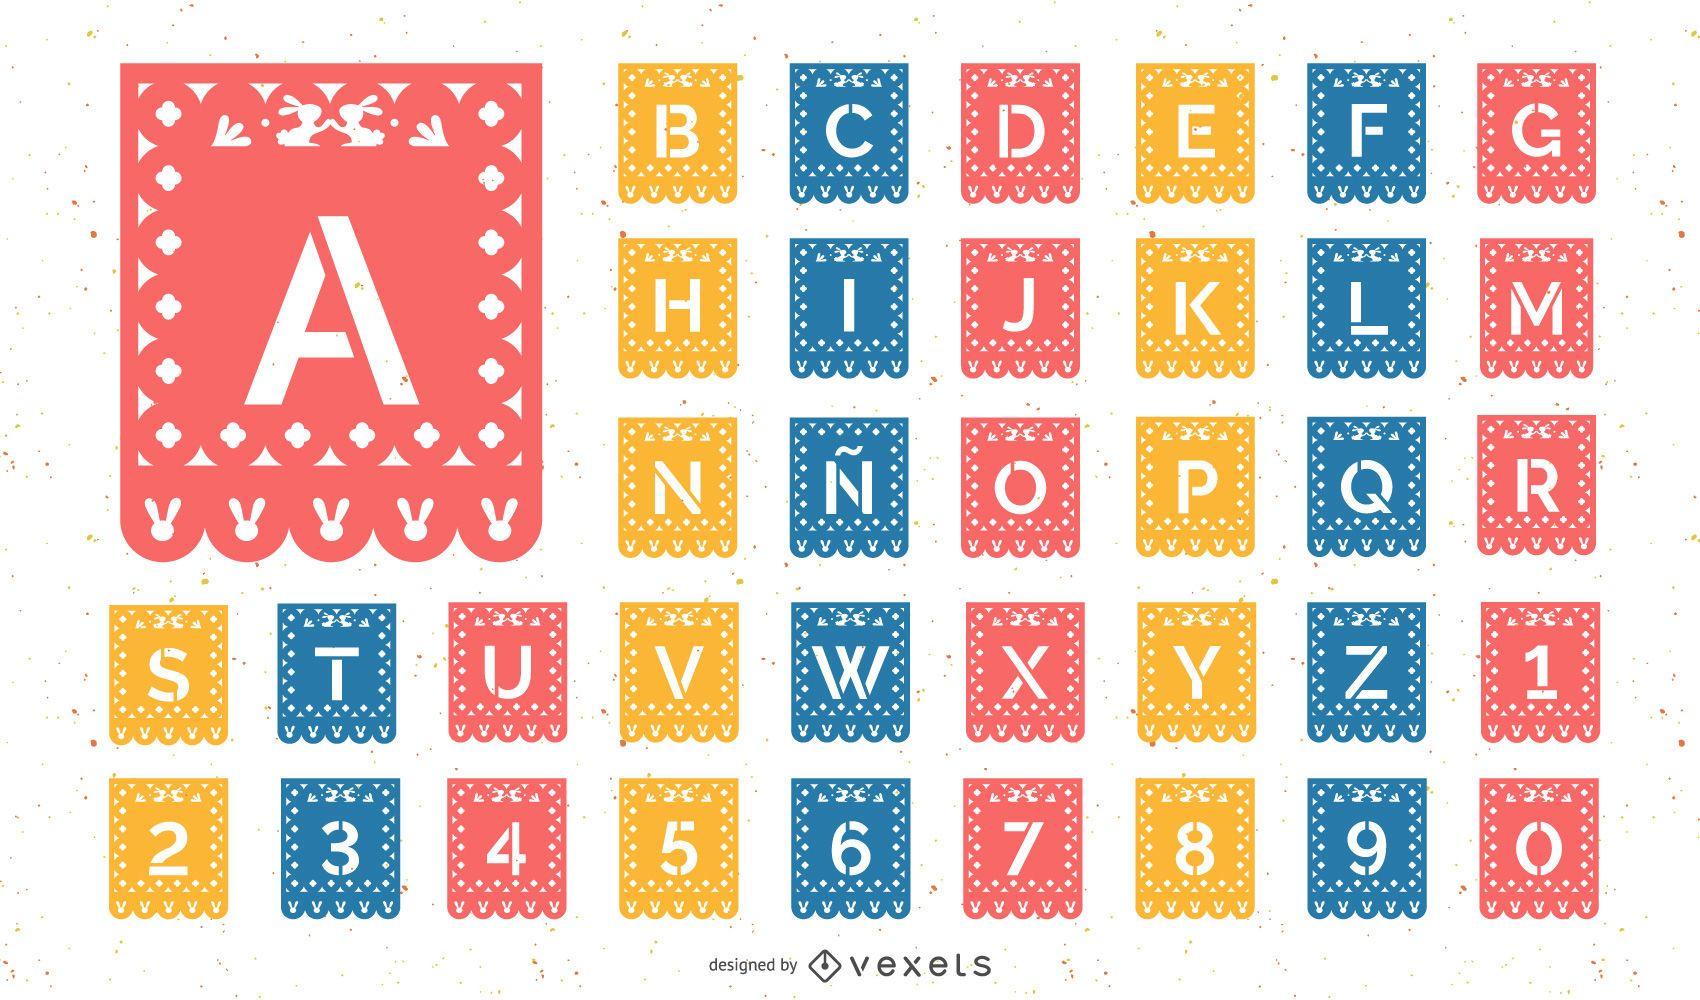 Easter papel picado alphabet set